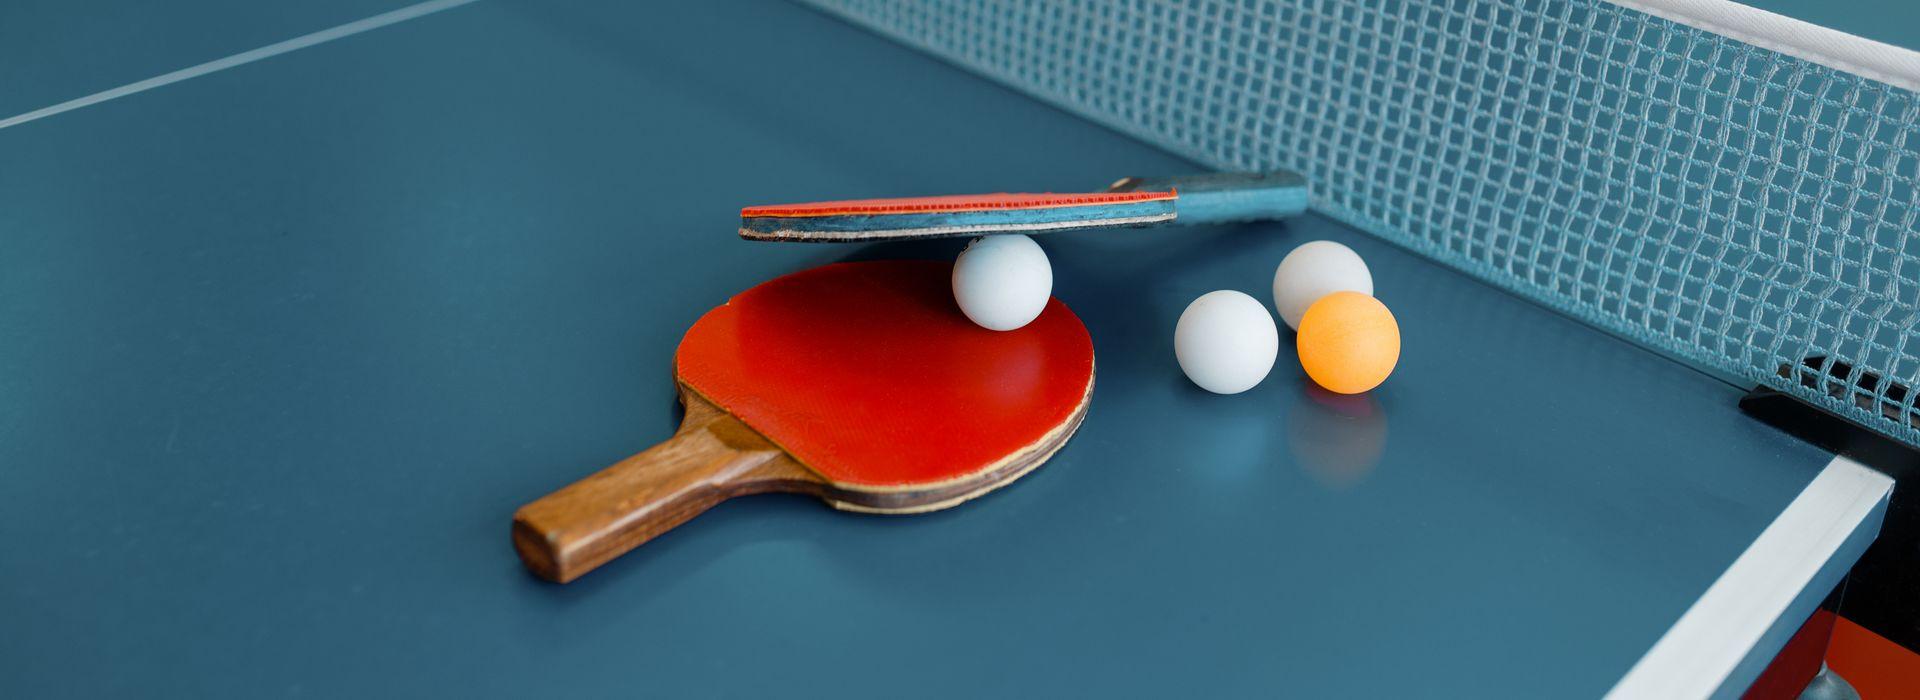 tischtennis-hannover-center-langenhagen-slide